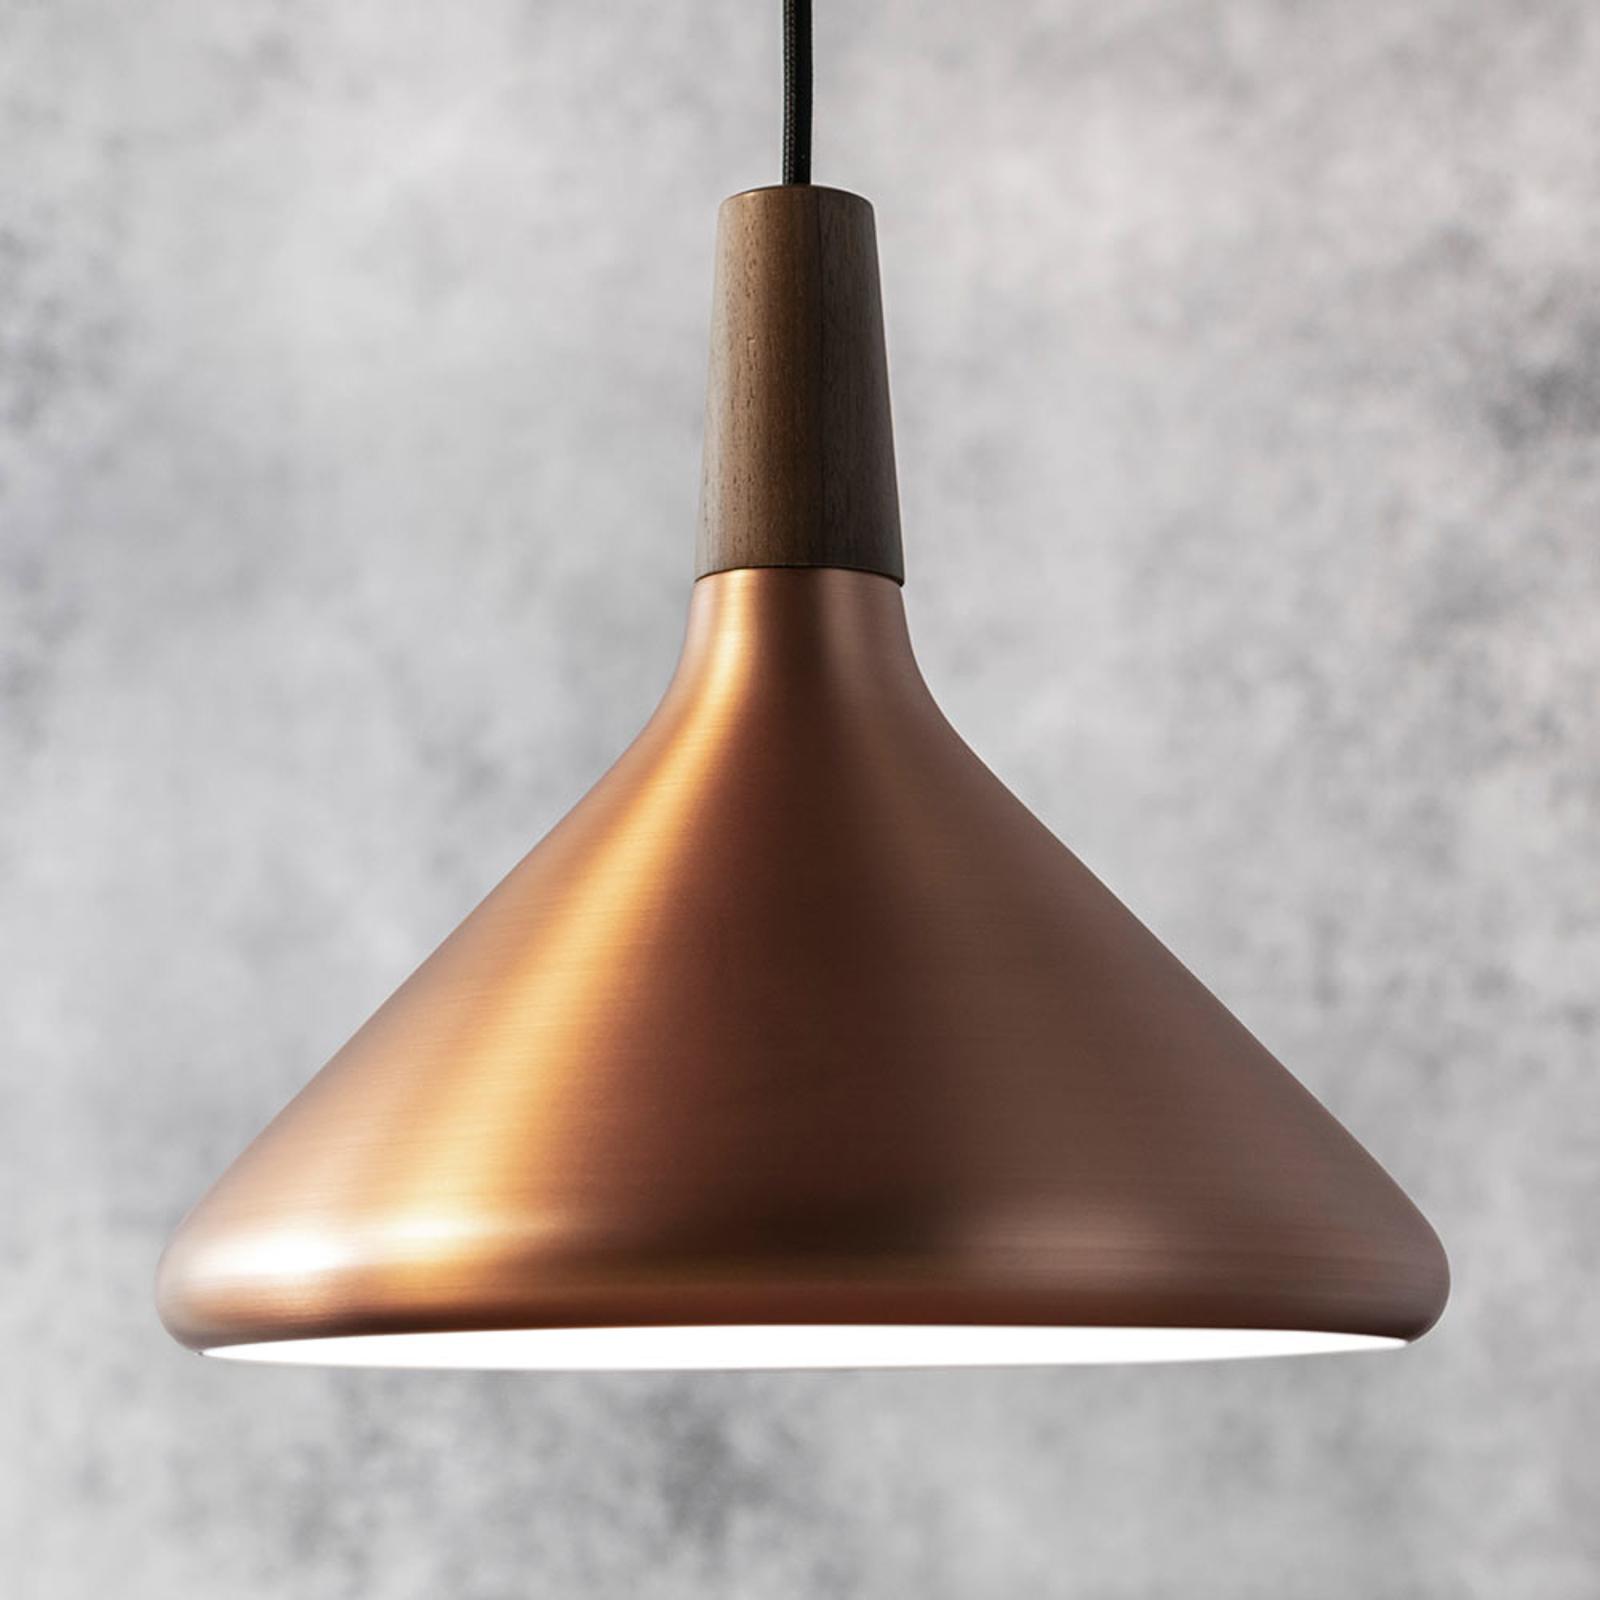 27 cm - koperkleurige hanglamp Float